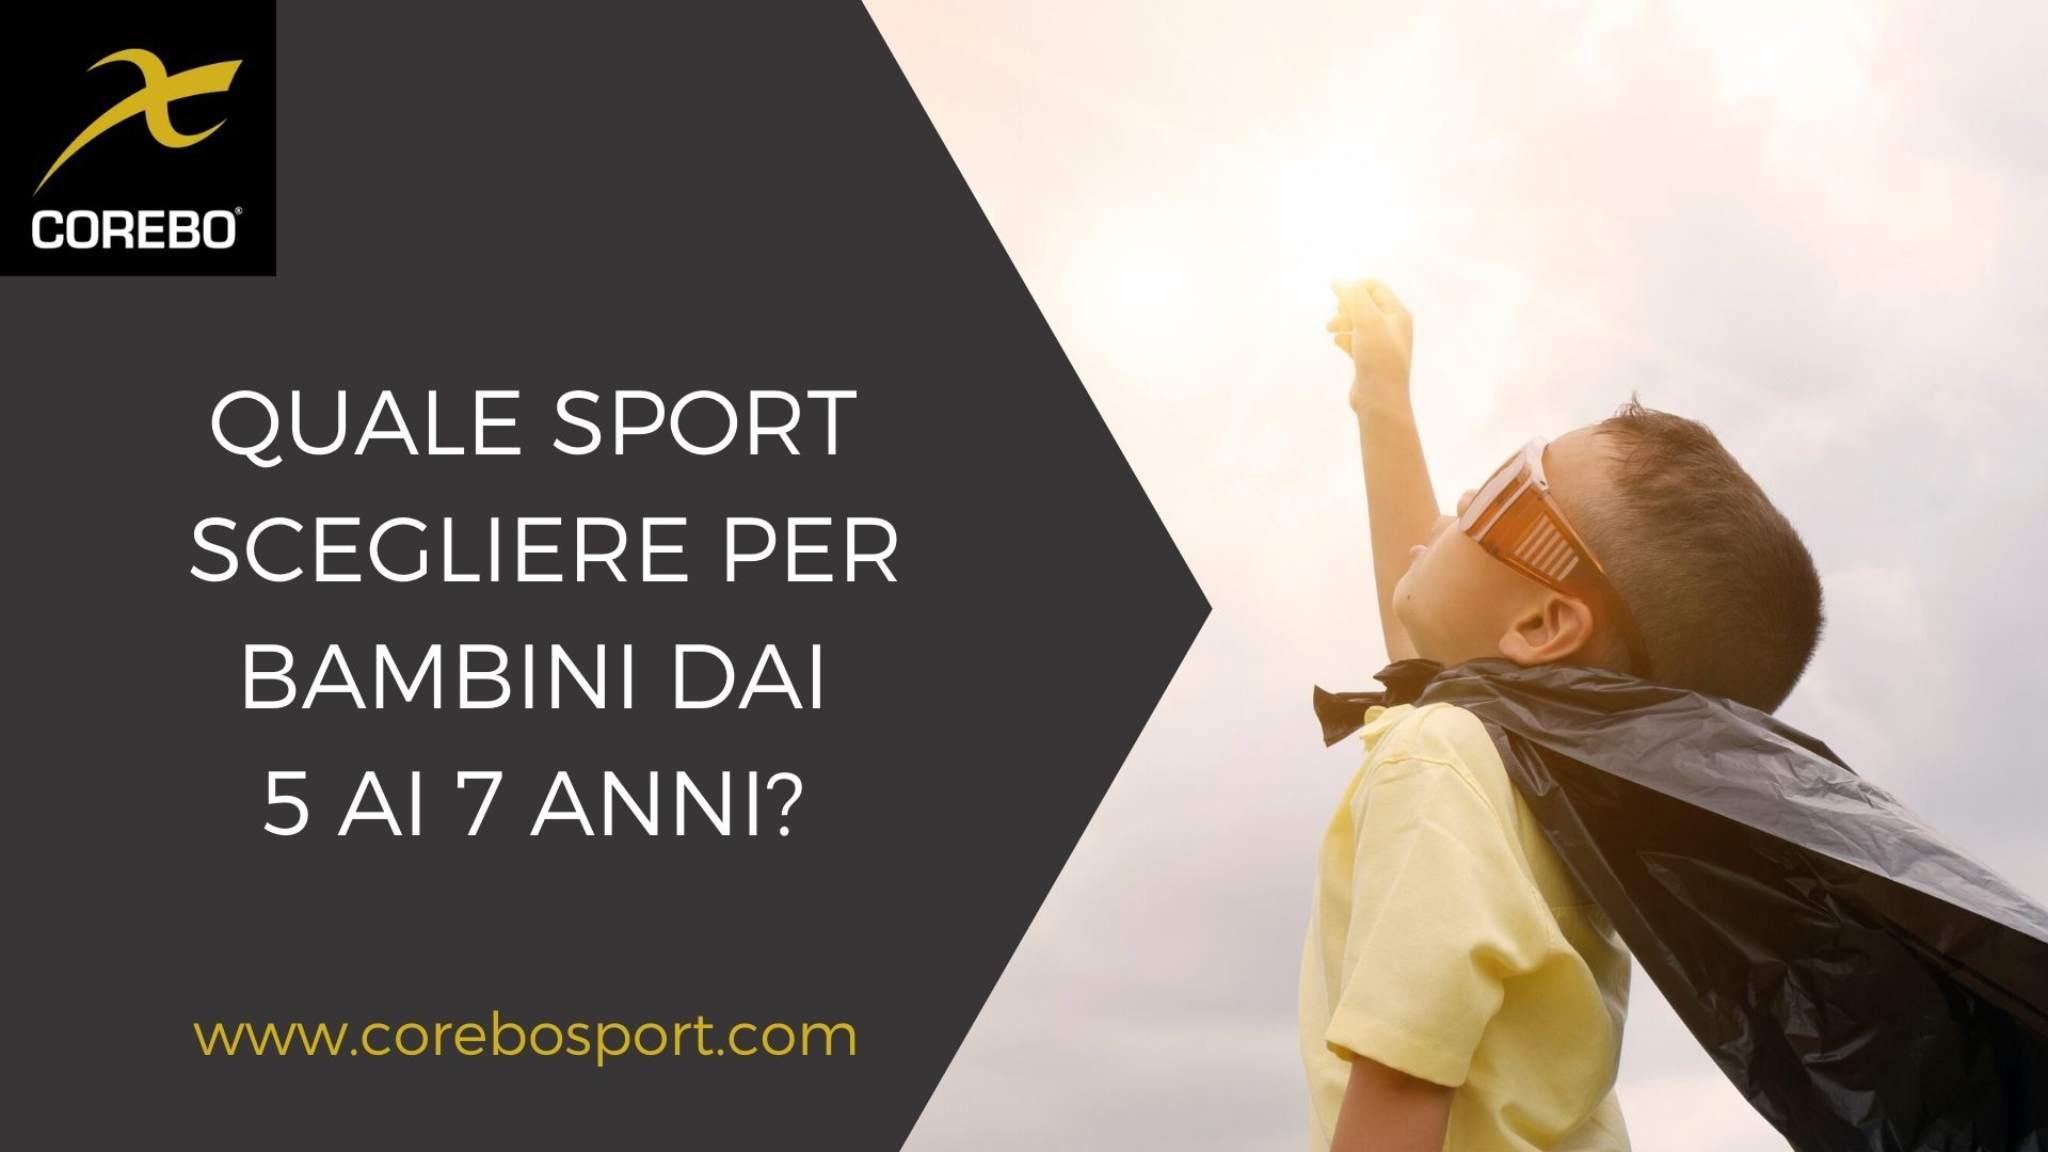 Quale sport scegliere per bambini dai 5 ai 7 anni